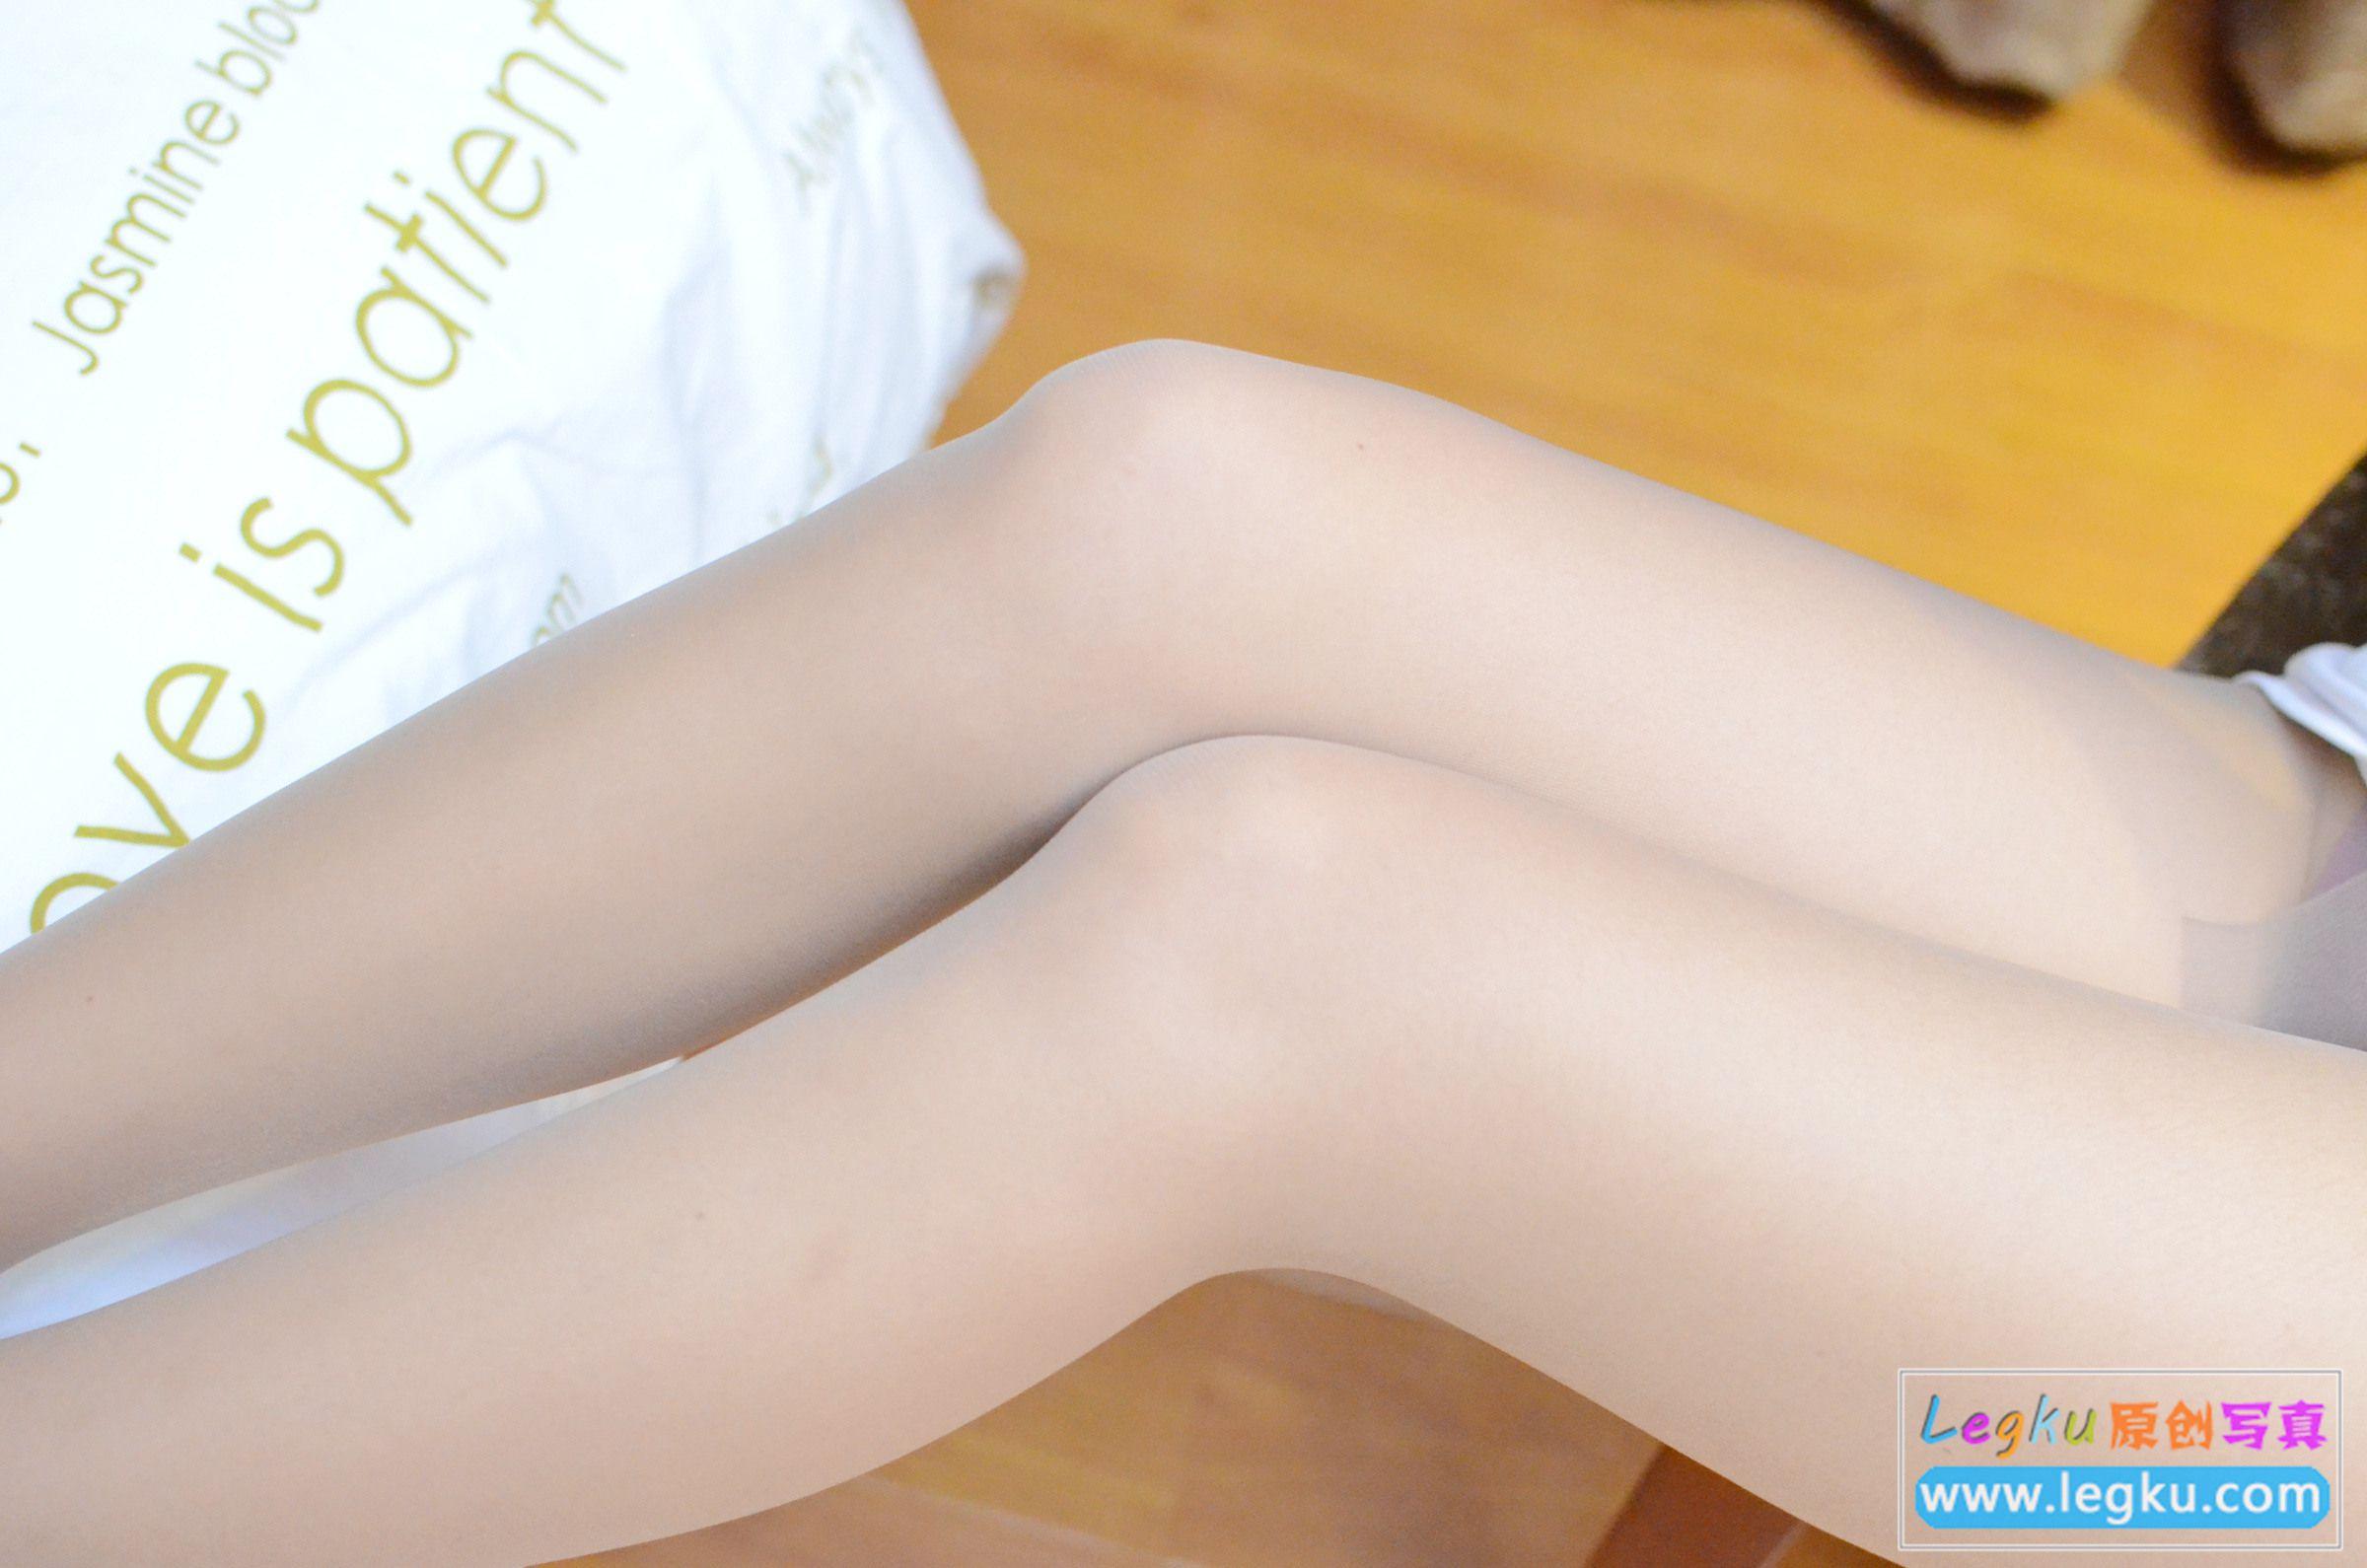 情趣护士服+肉丝袜诱惑 写真套图